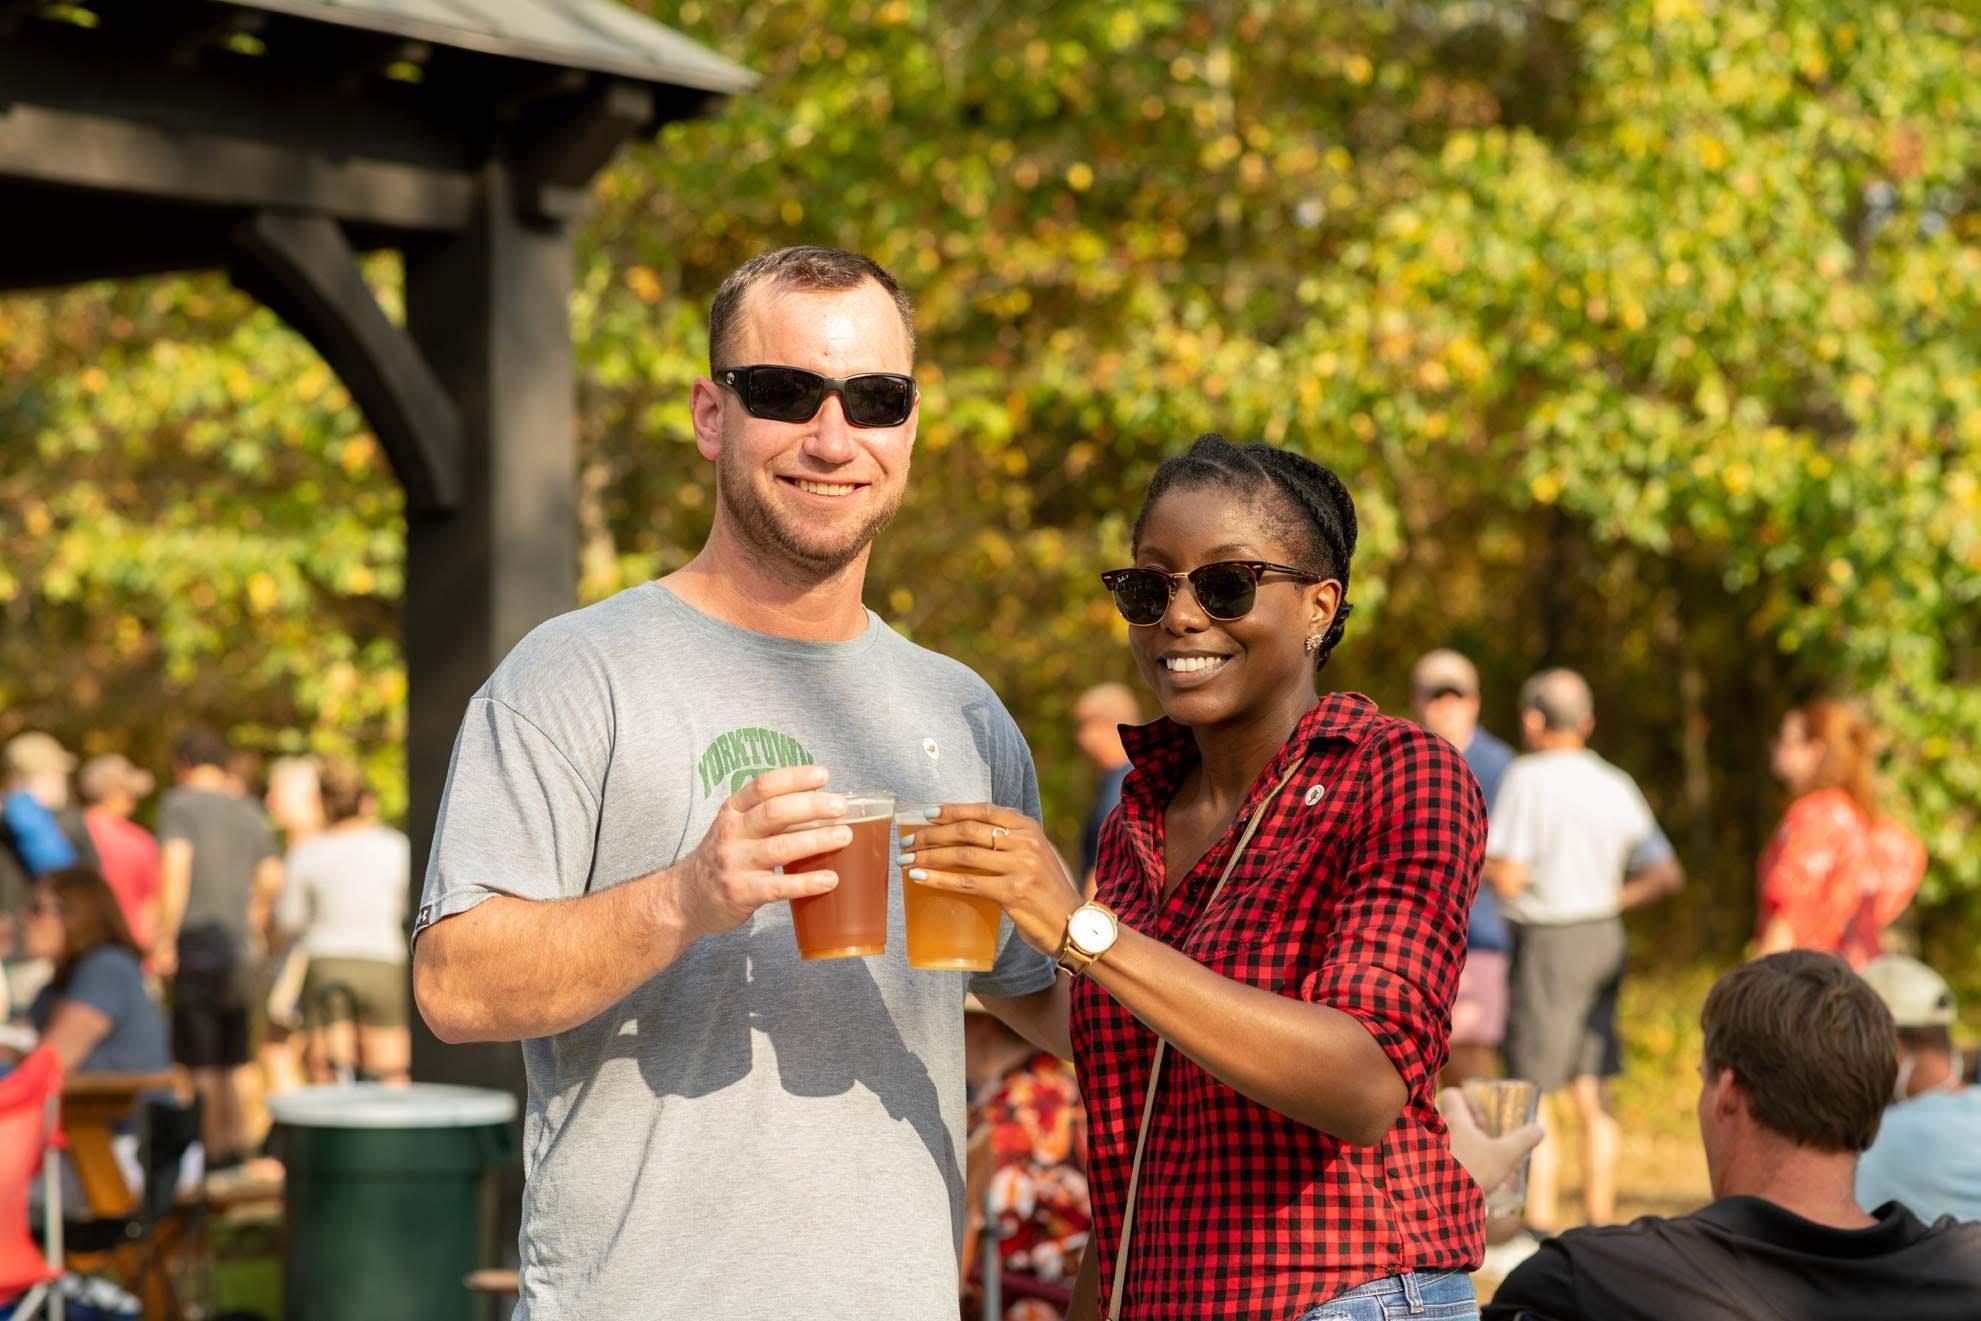 The Dirty Grass Players to Headline Adkins Arboretum Beer Garden October 23